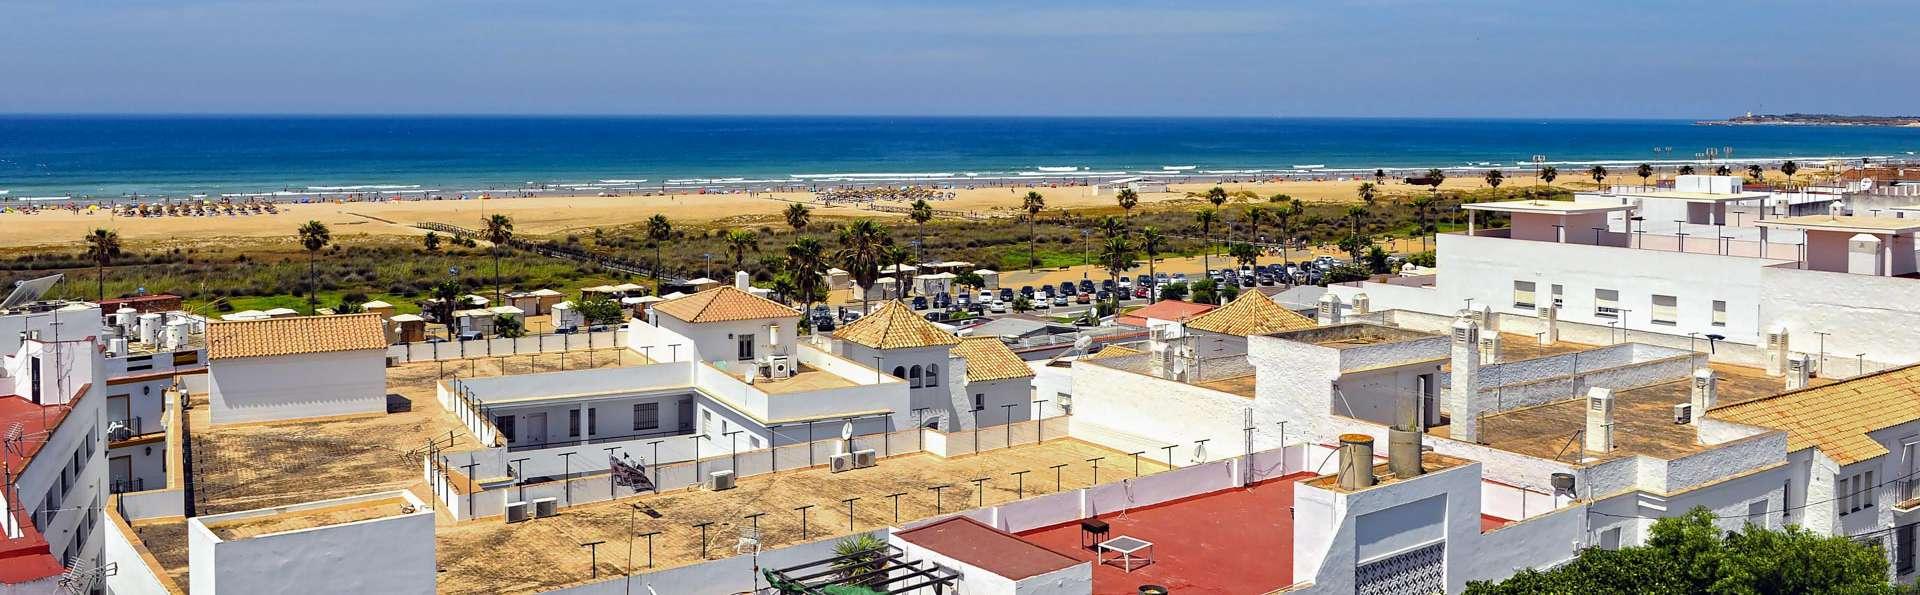 Hotel Boutique en primera línea de playa en Conil de la Frontera